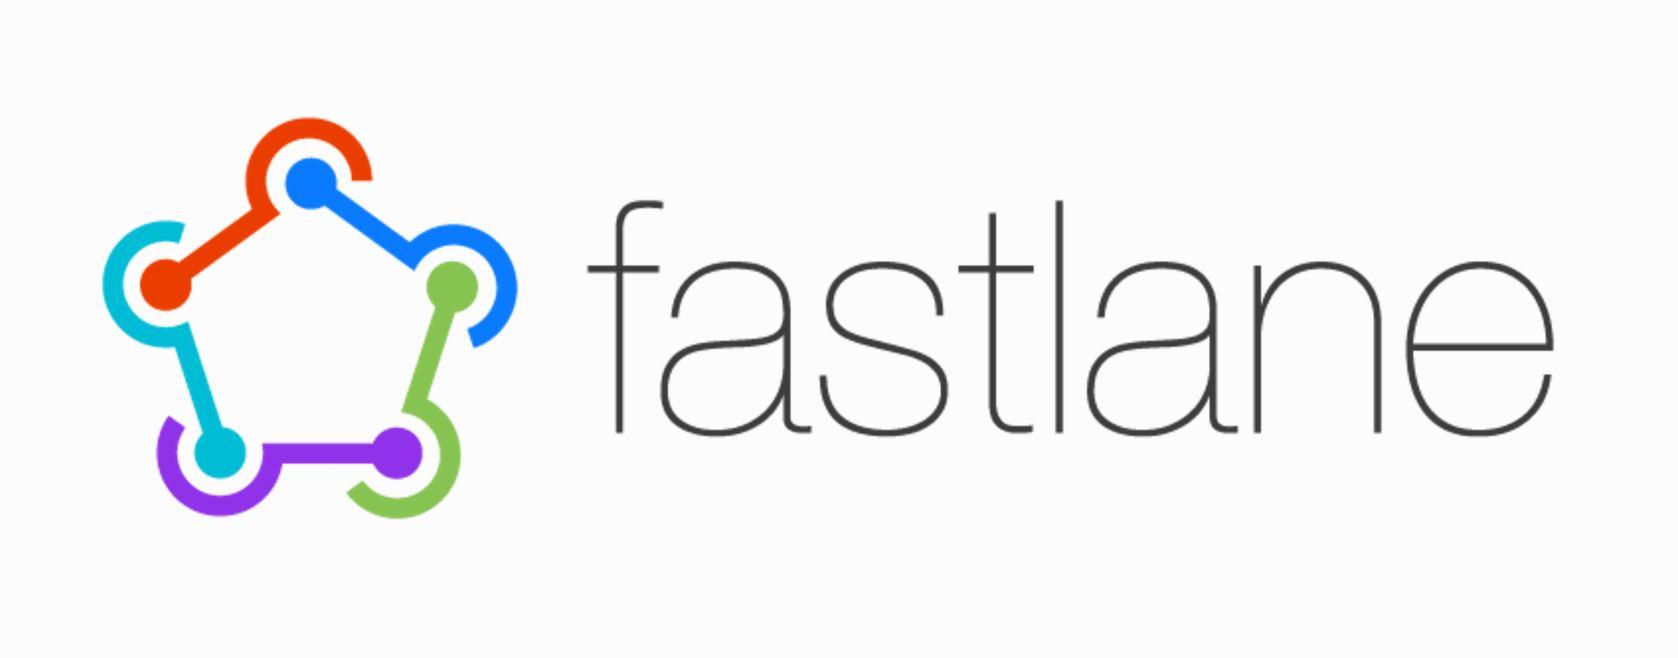 使用Fastlane对iOS项目持续交付(自动打包)